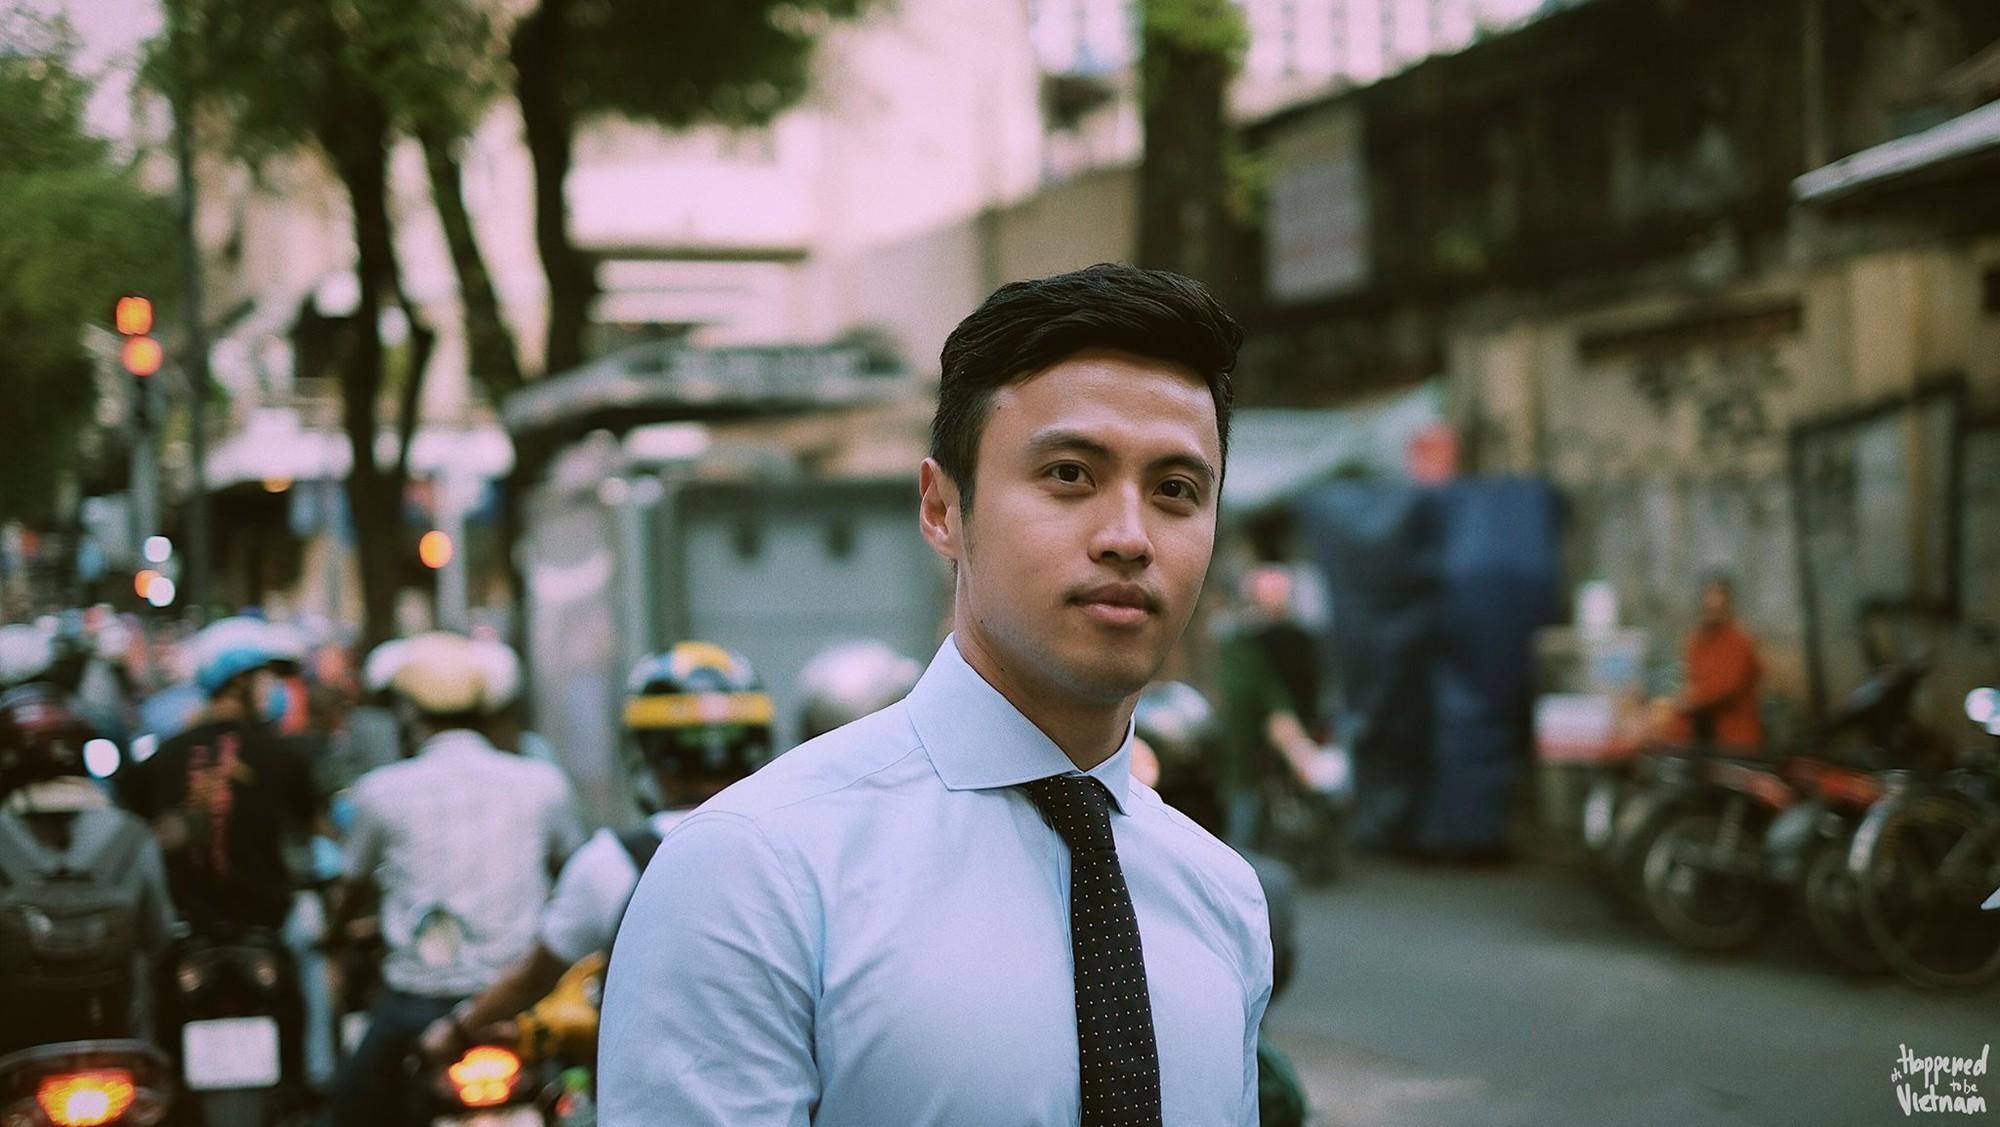 Soái ca khởi nghiệp Lê Đăng Khoa từng bị mẹ đuổi việc sau cú sốc chia tay người yêu 9 năm - Ảnh 1.